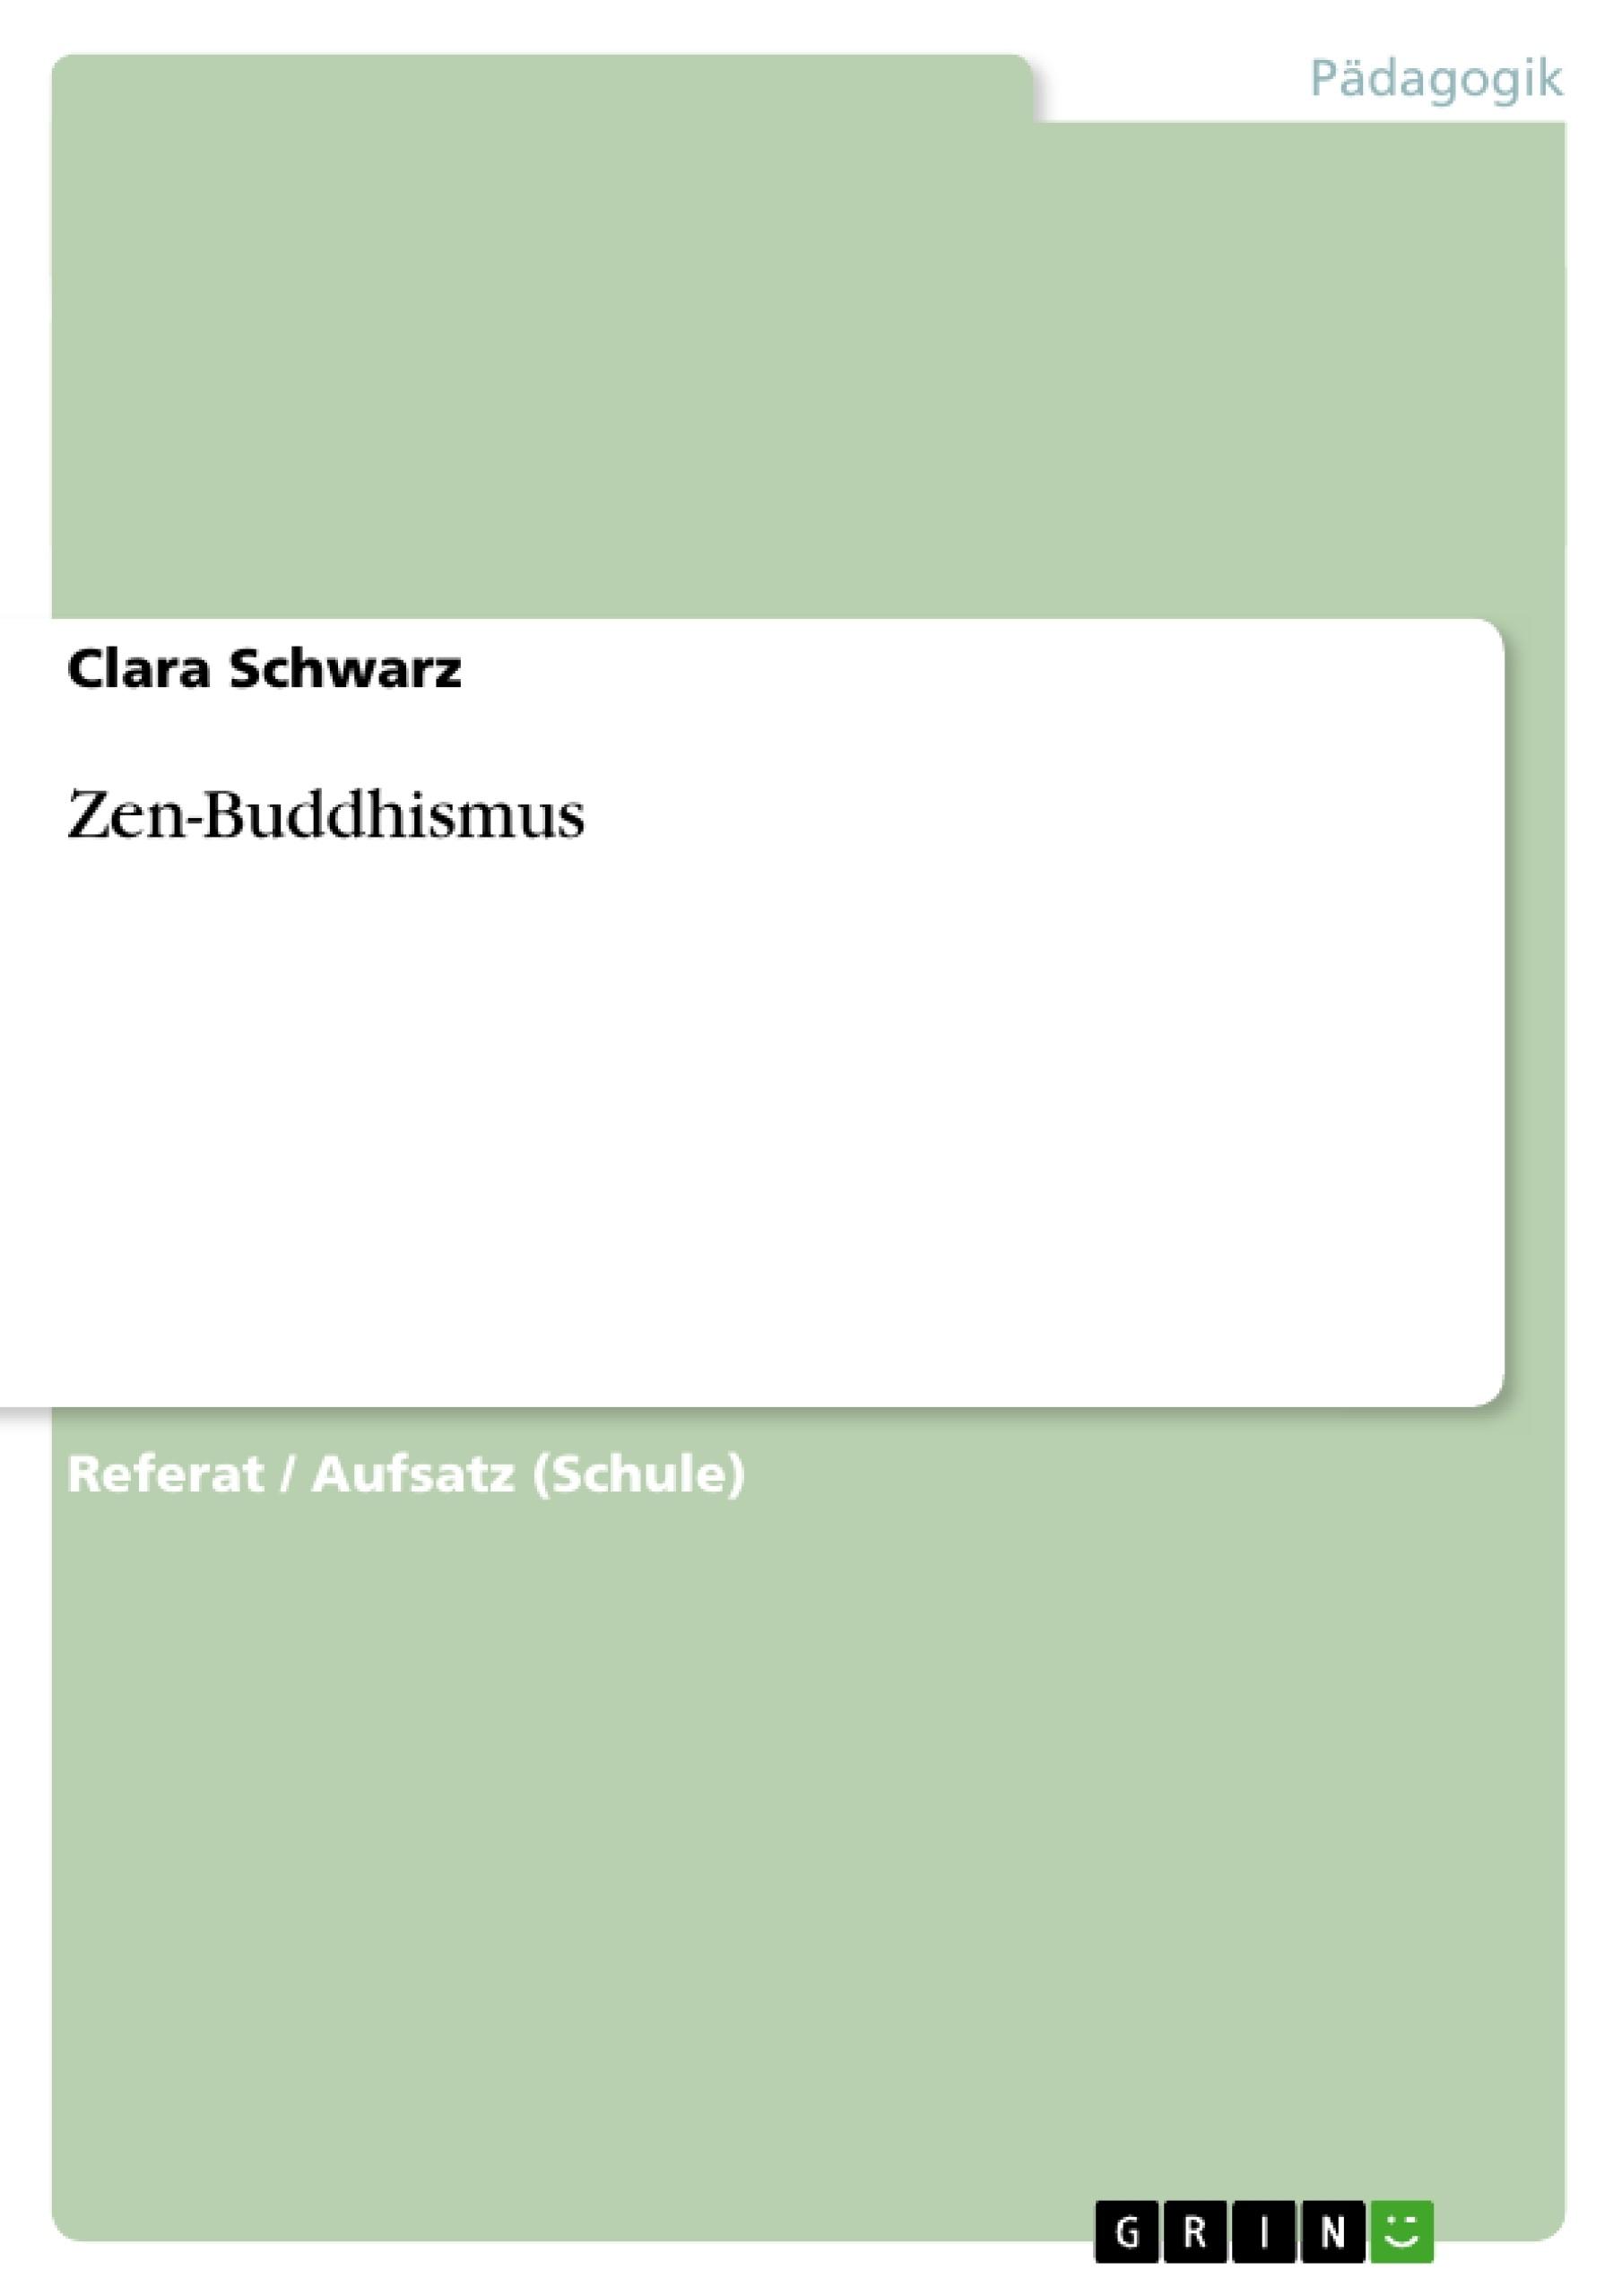 Titel: Zen-Buddhismus